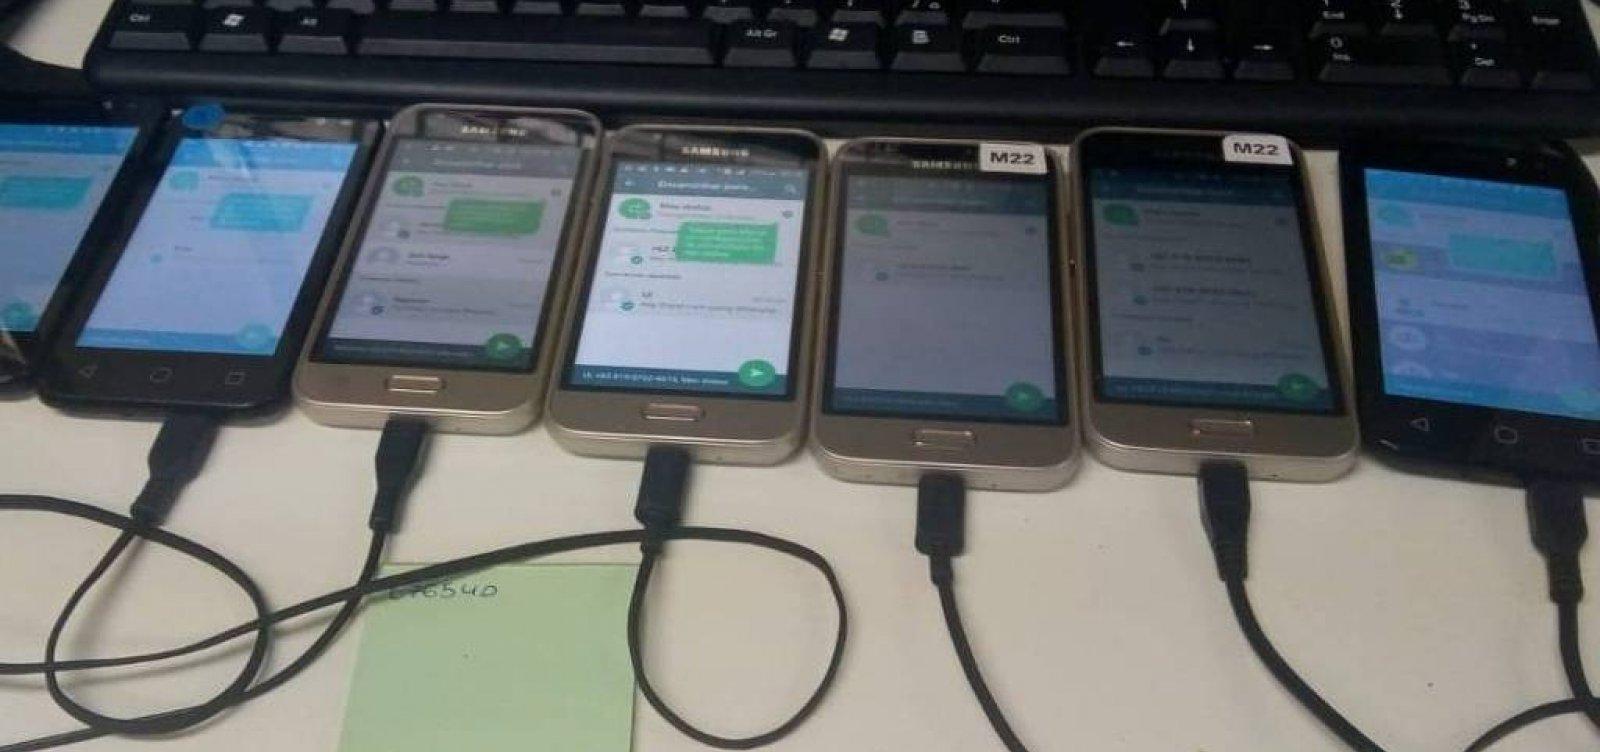 [WhatsApp admite envio massivo ilegal de mensagens nas eleições de 2018]